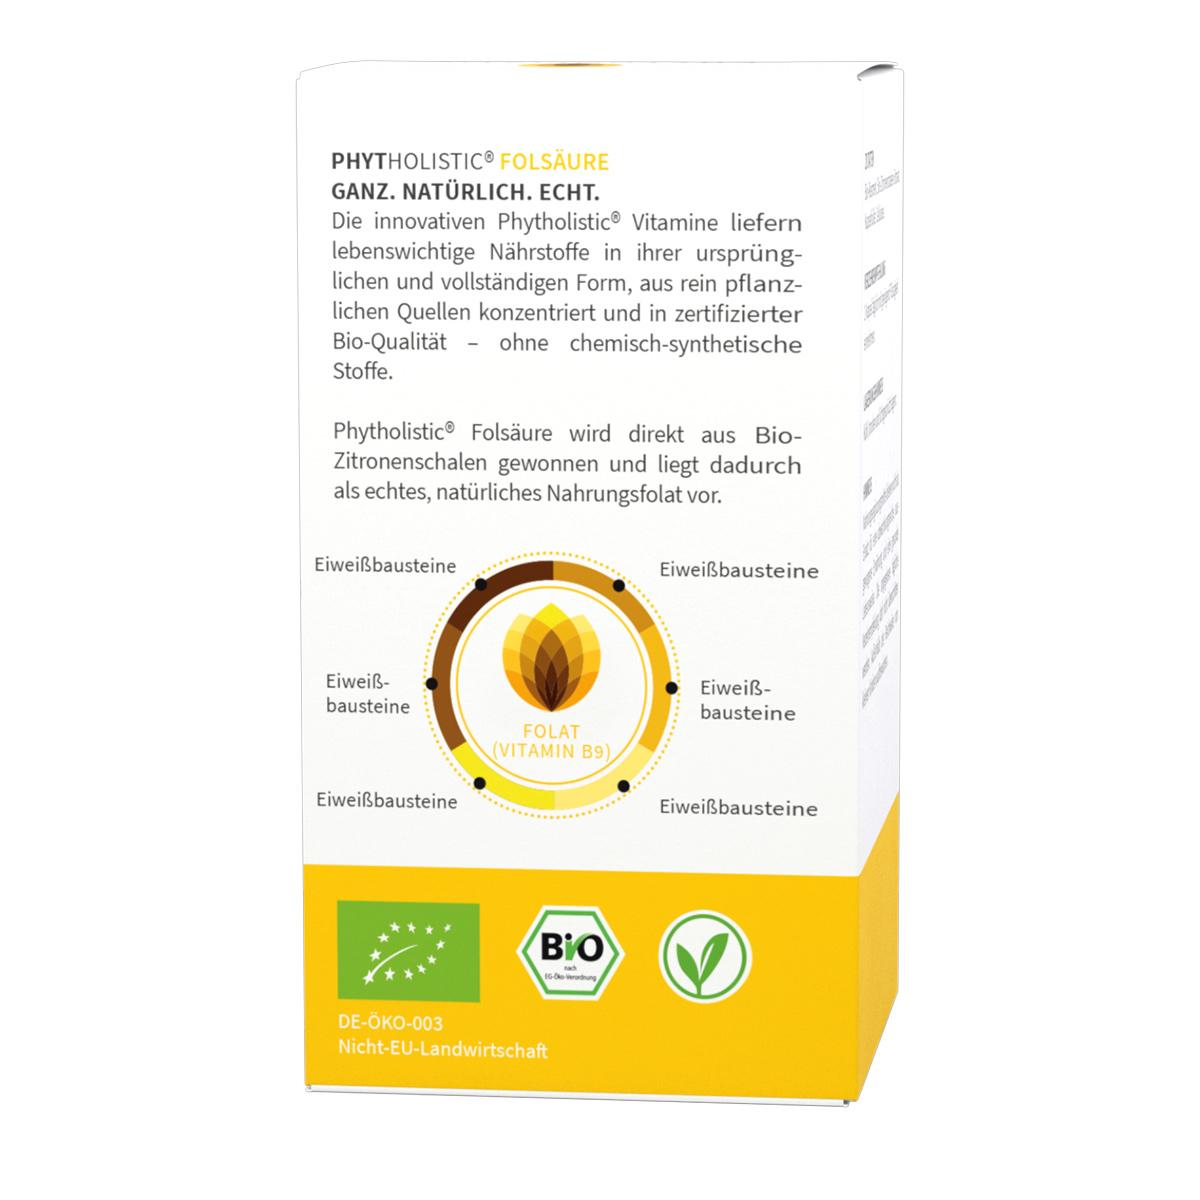 folsaeure-kapseln-bio-rein-pflanzlich-phytholistic-180-stueck-verpackung-hinten-1200x1200